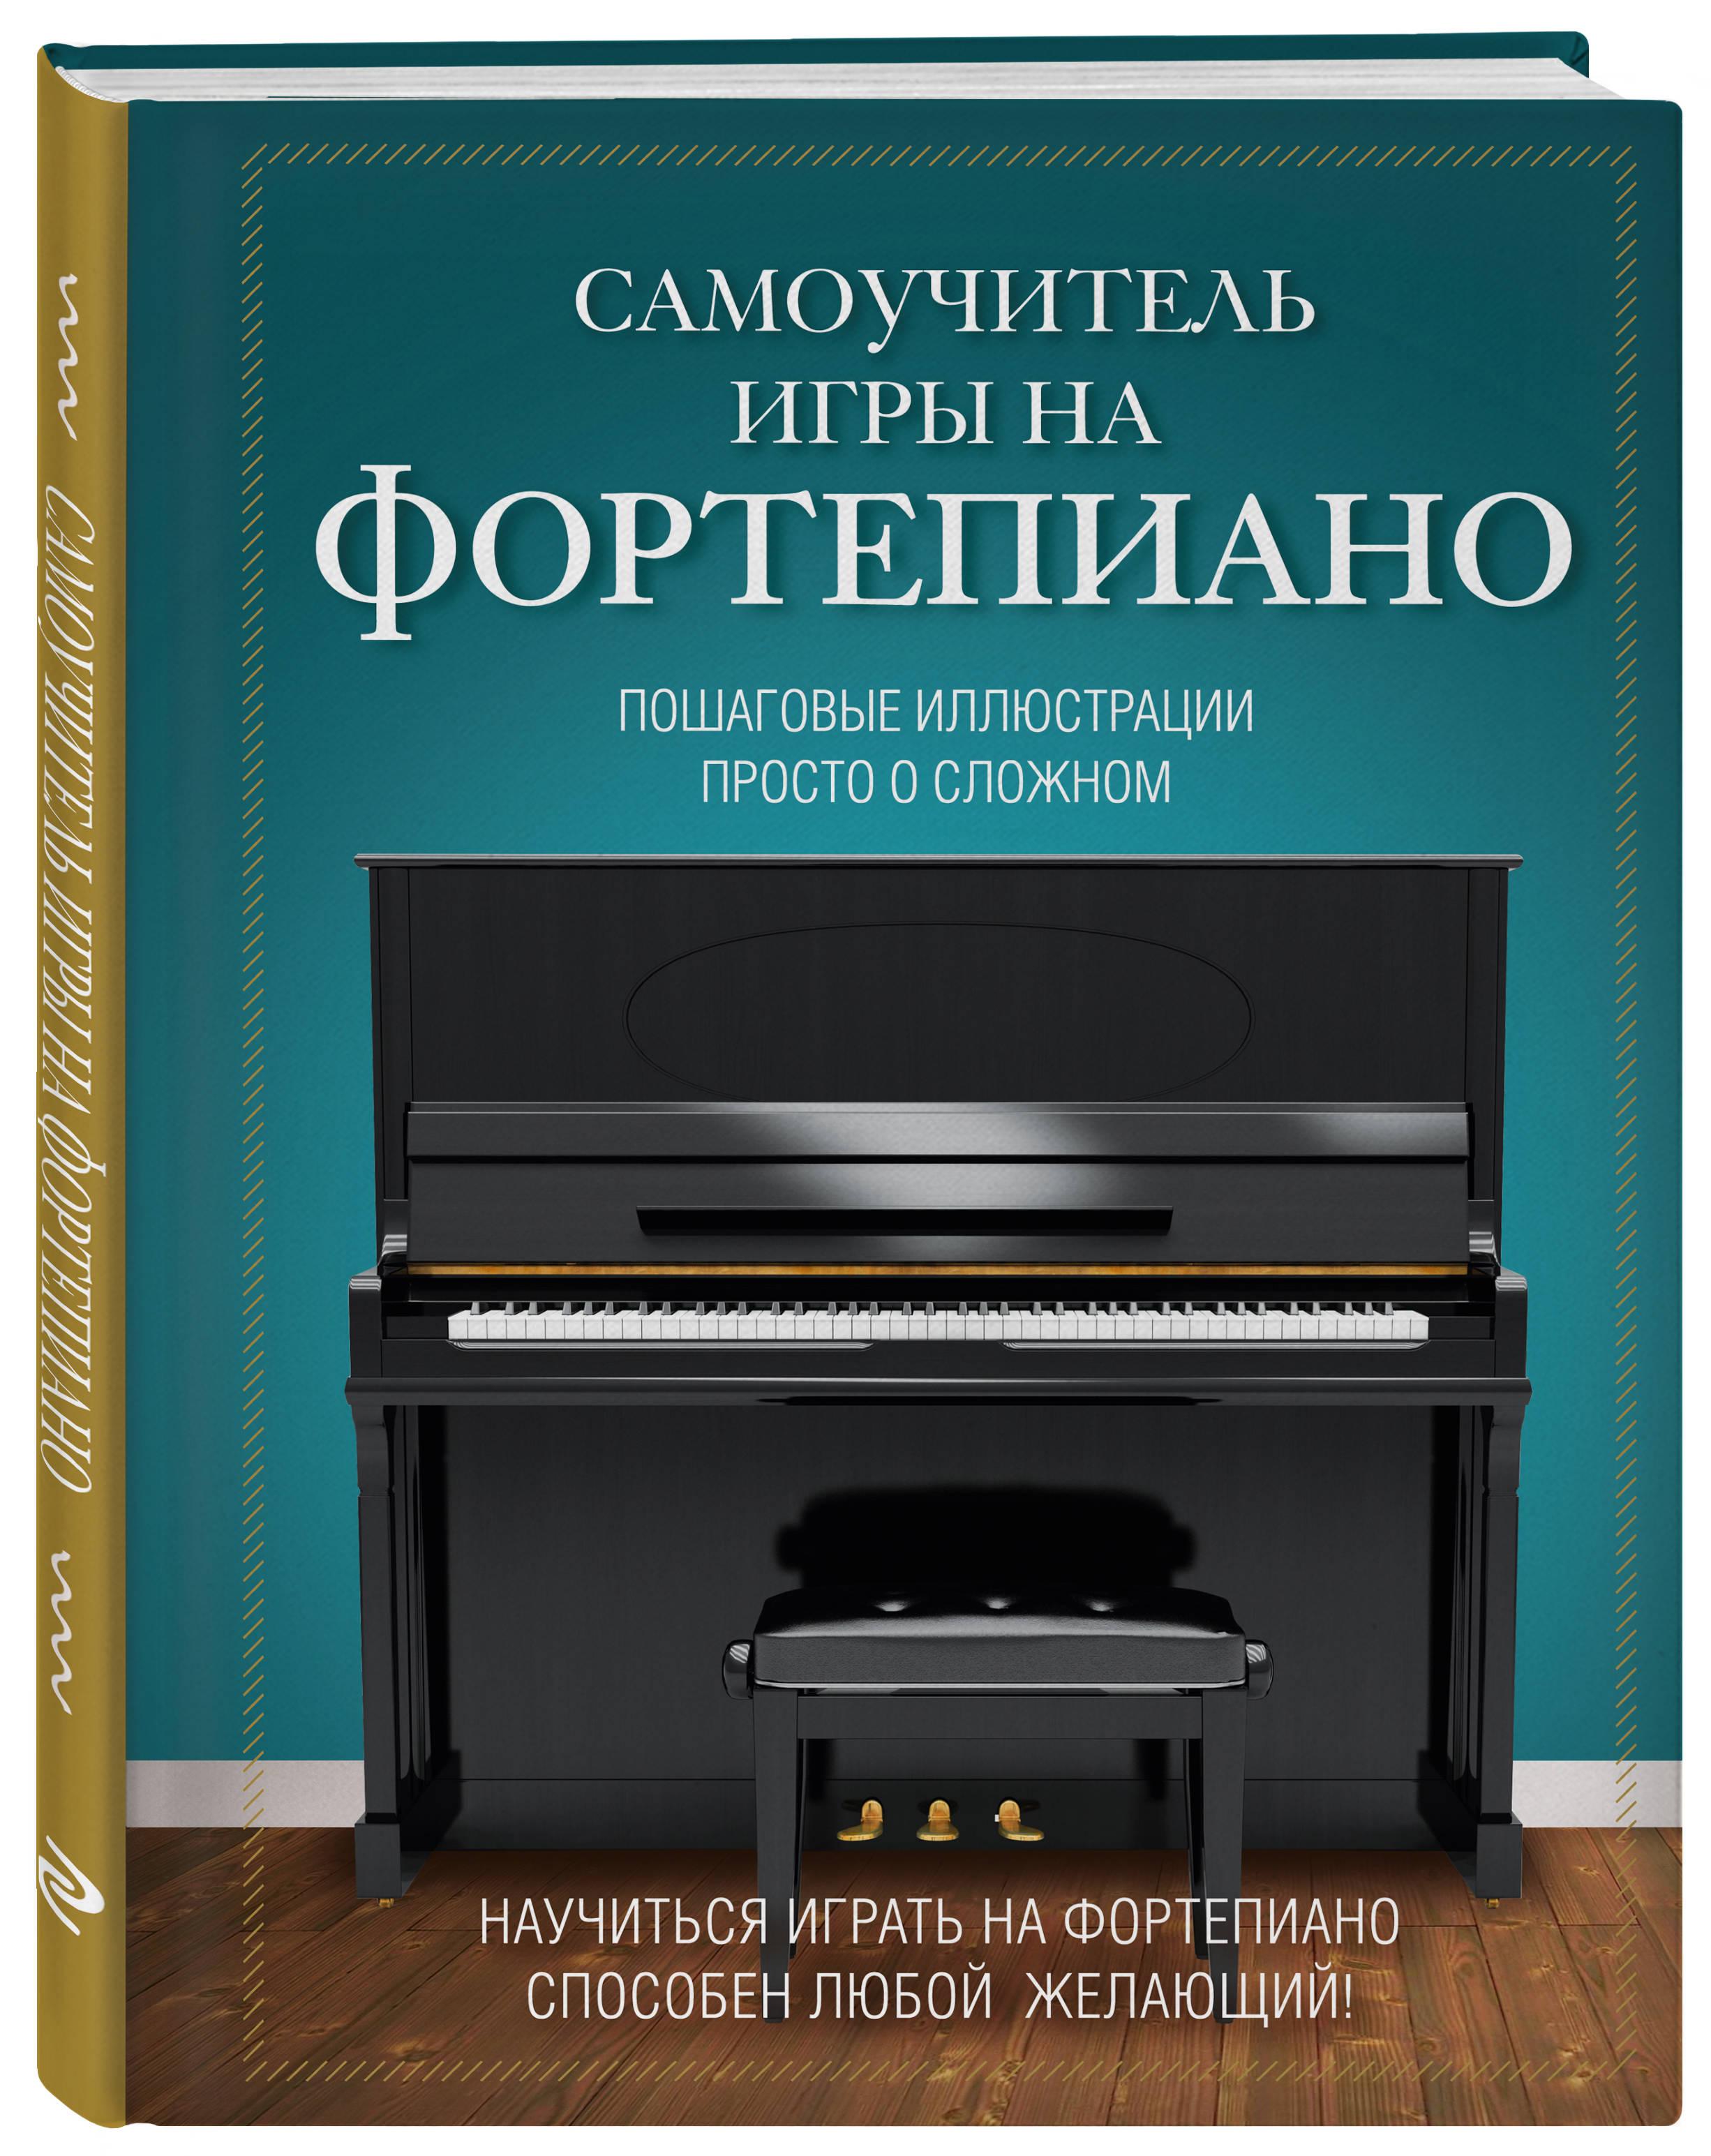 Лебедева Н.И. Самоучитель игры на фортепиано книгу николаев учебник игры на фортепиано